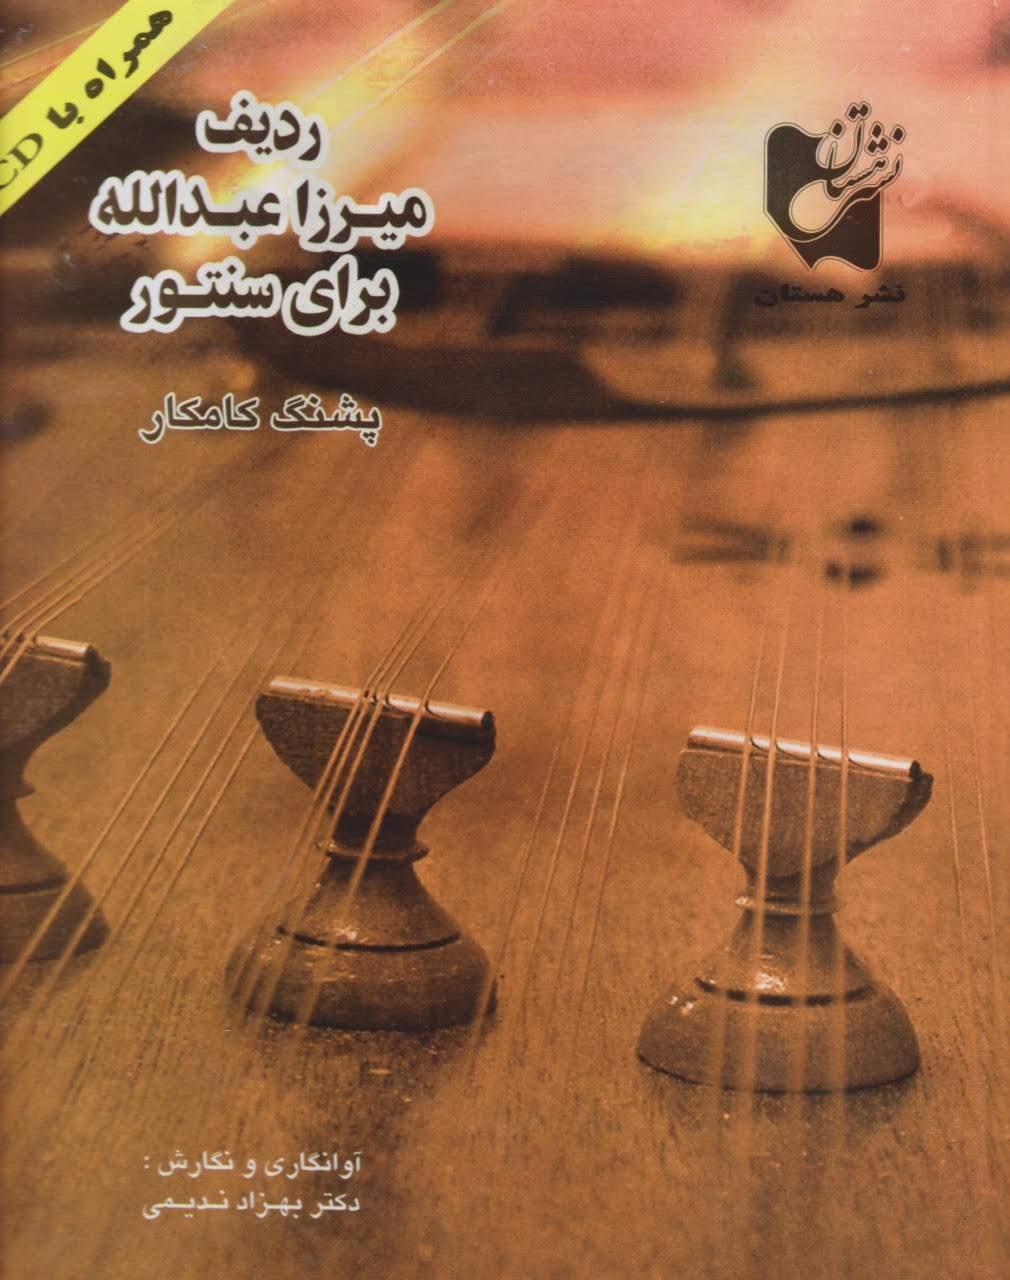 کتاب ردیف میرزا عبدالله برای سنتور پشنگ کامکار بهزاد ندیمی با سیدی انتشارات هستان